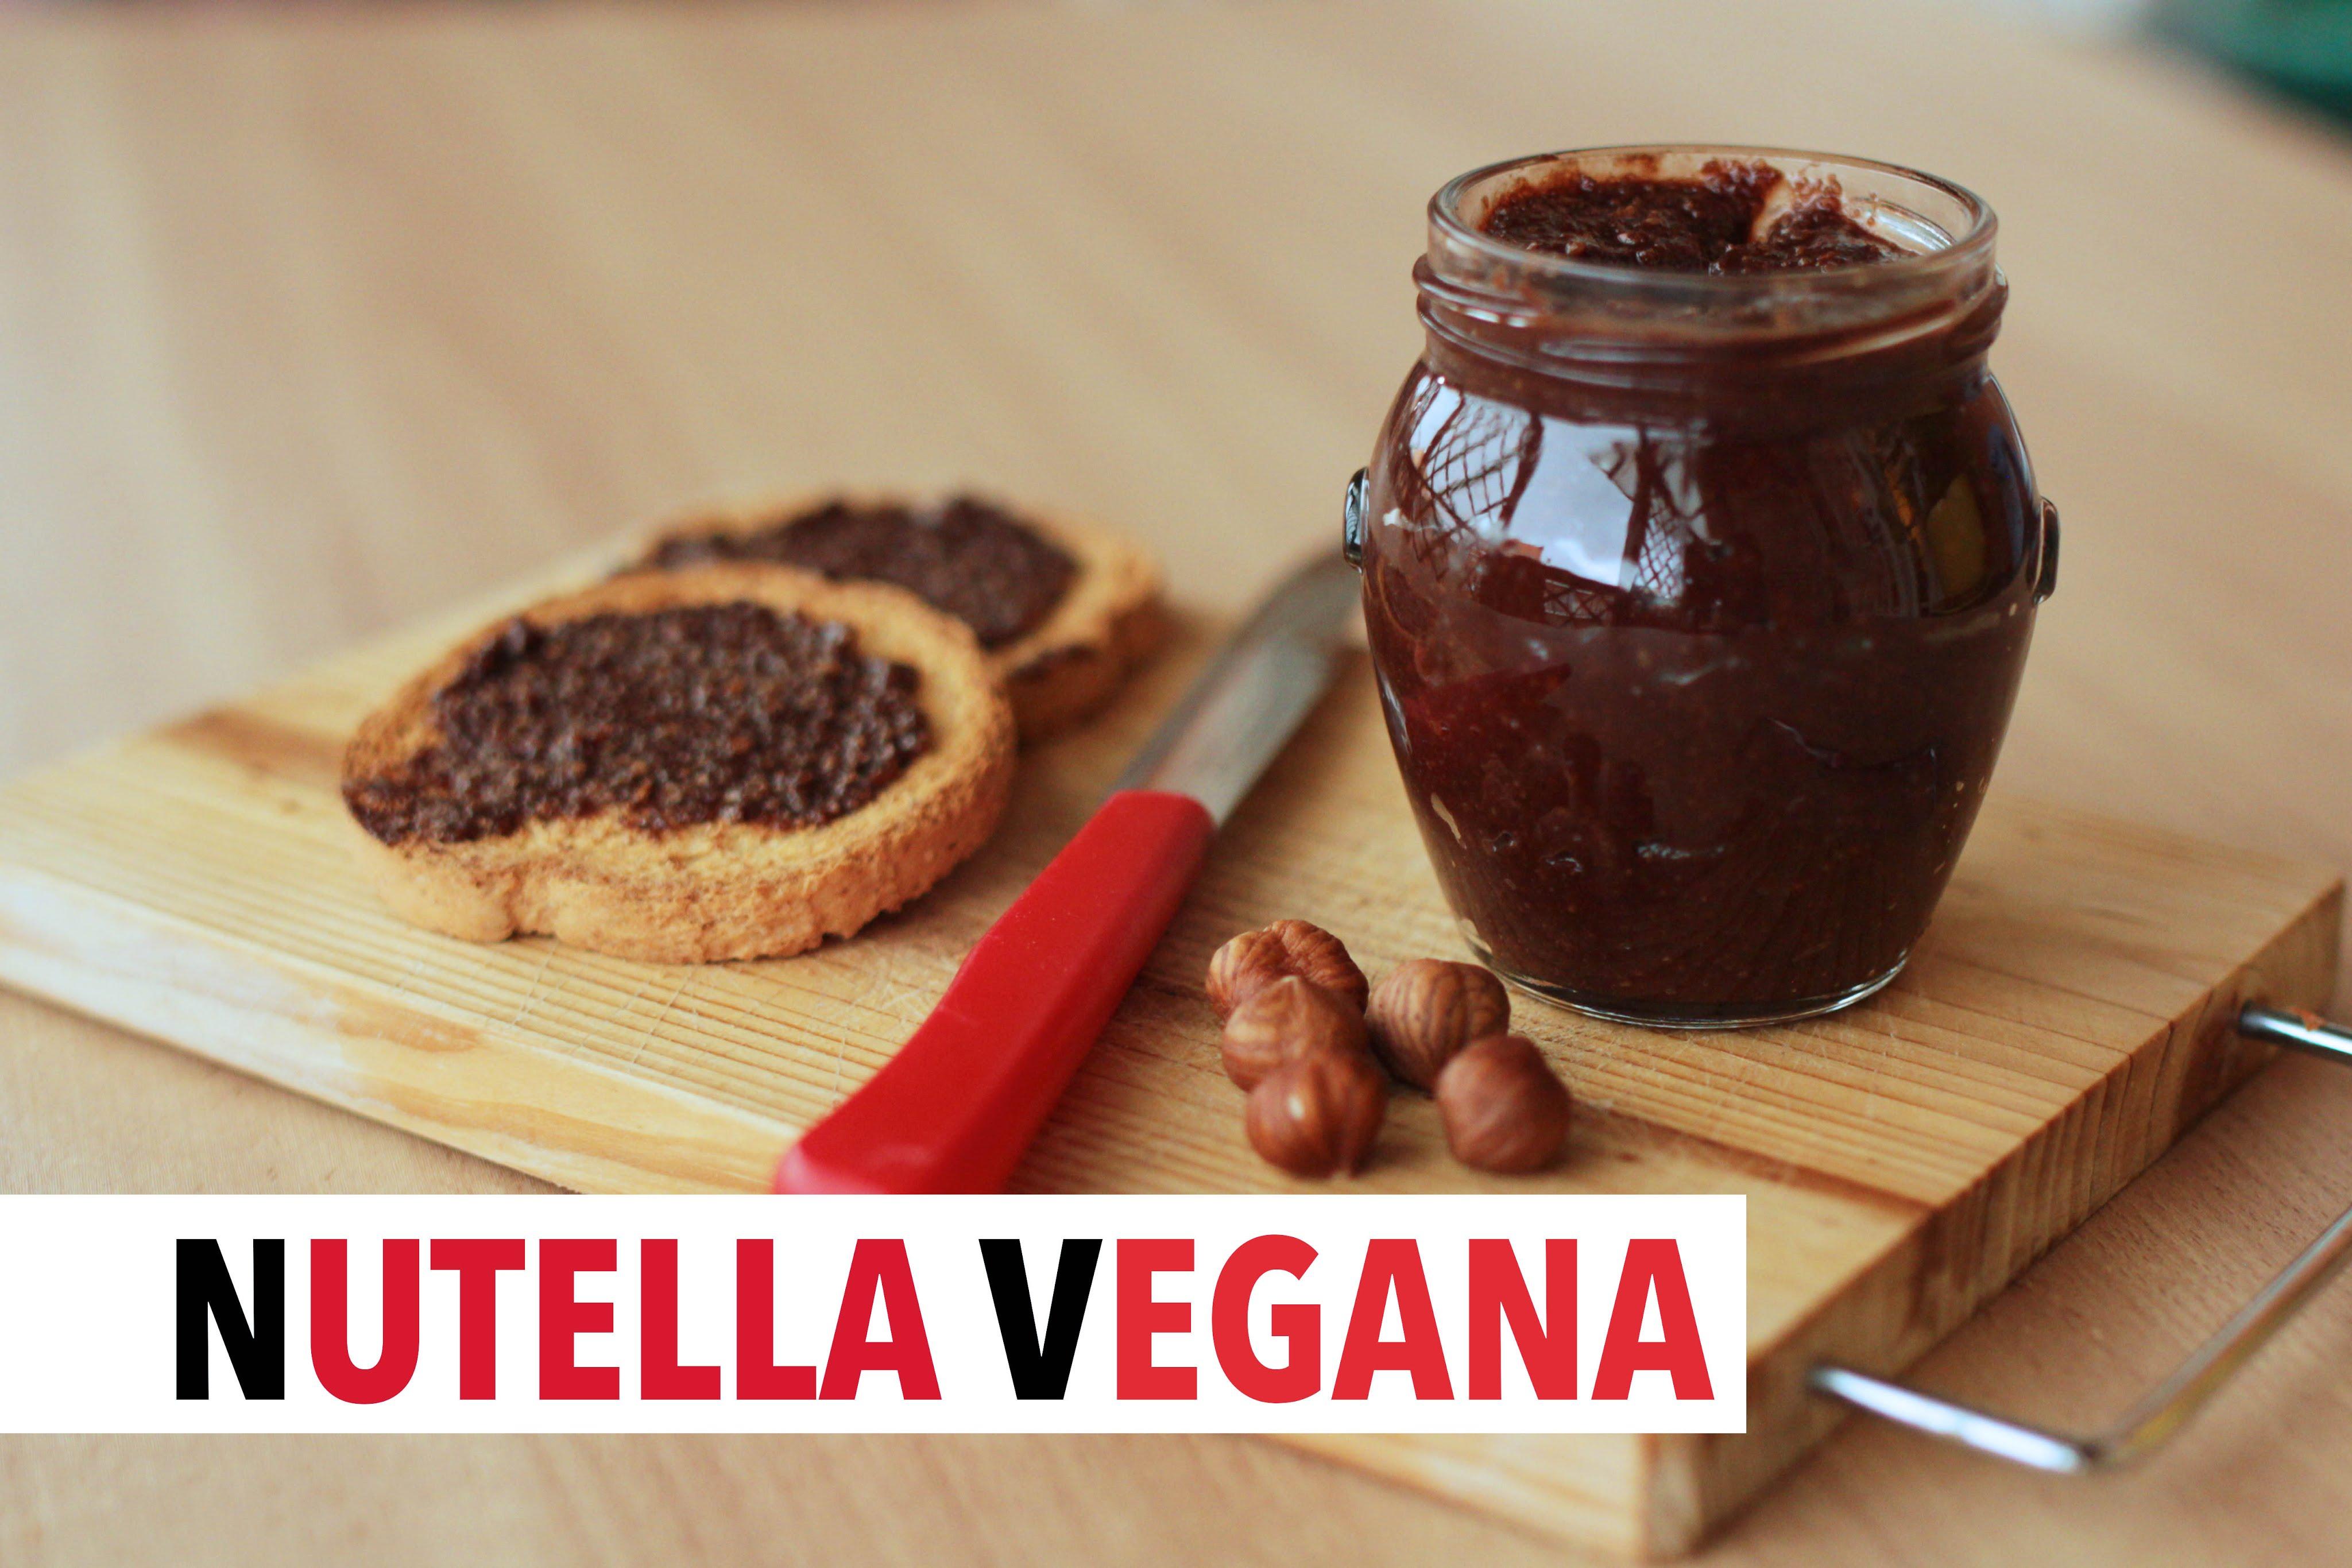 Bagno Nella Nutella.Nutella Vegana Fatta In Casa Con Nocciole E Senza Lattosio